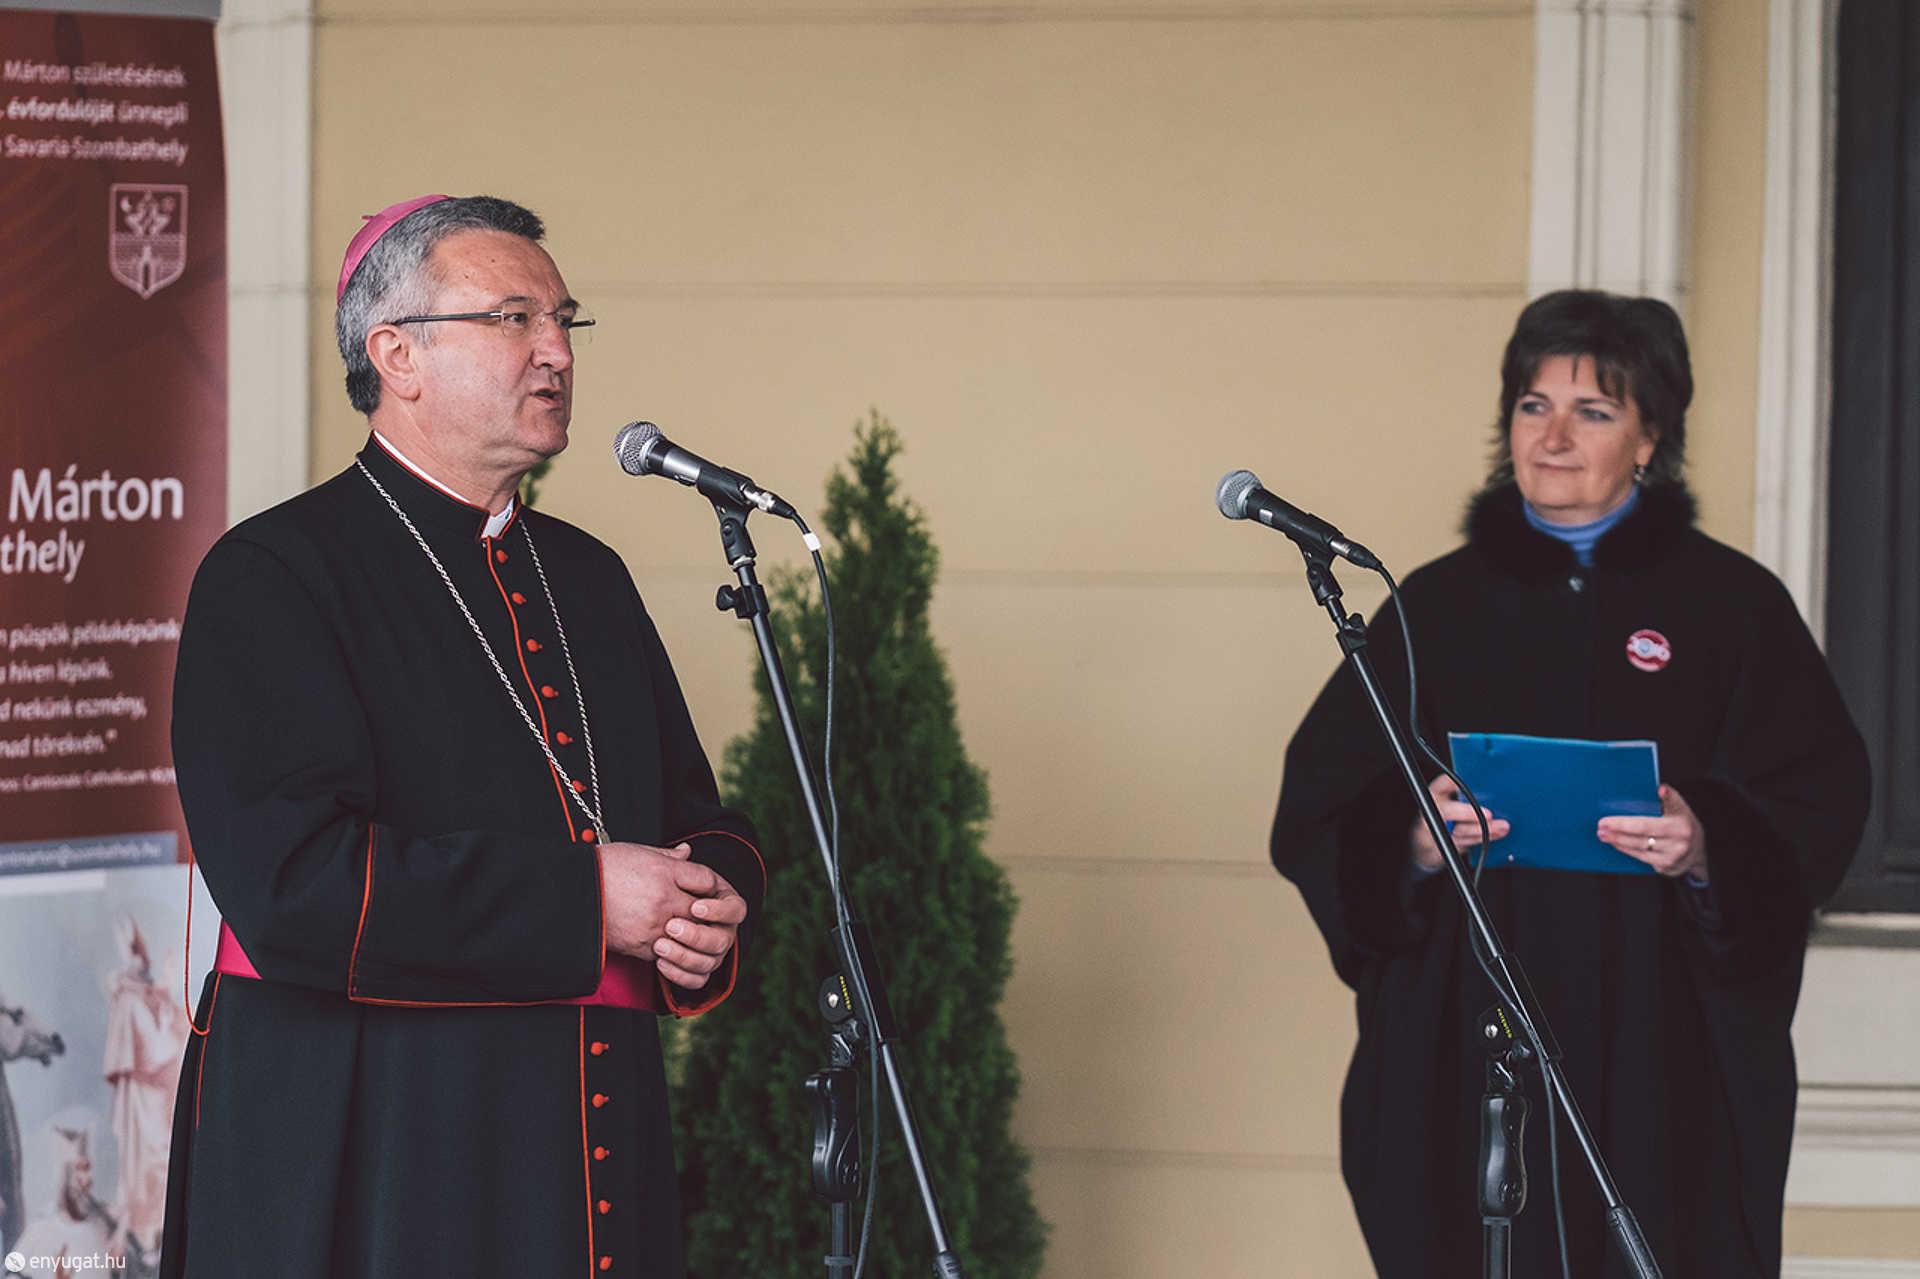 Veres András győri megyéspüspök